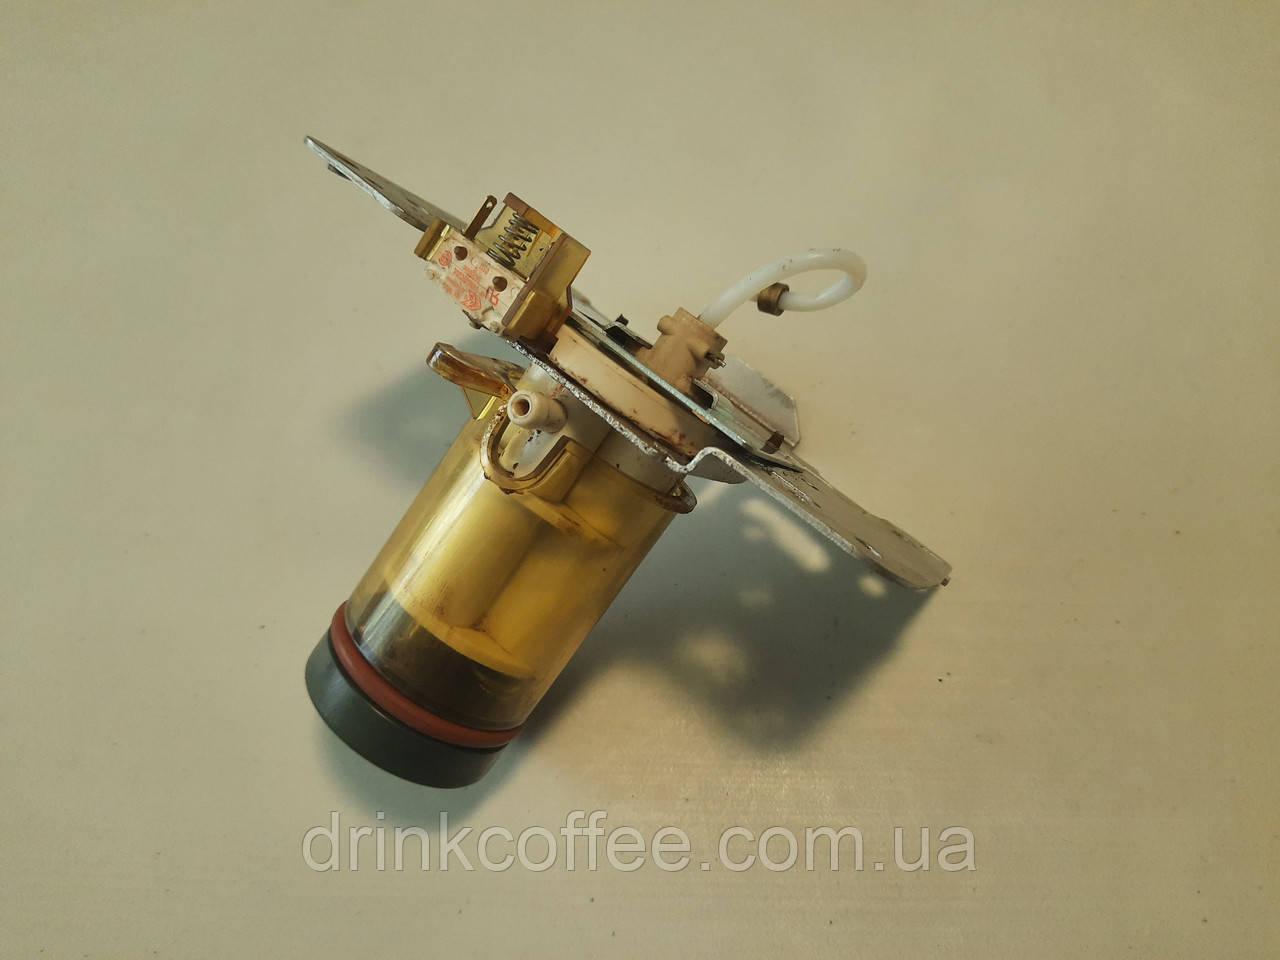 Поршень термоблока в зборі для кавоварки DeLonghi б/у